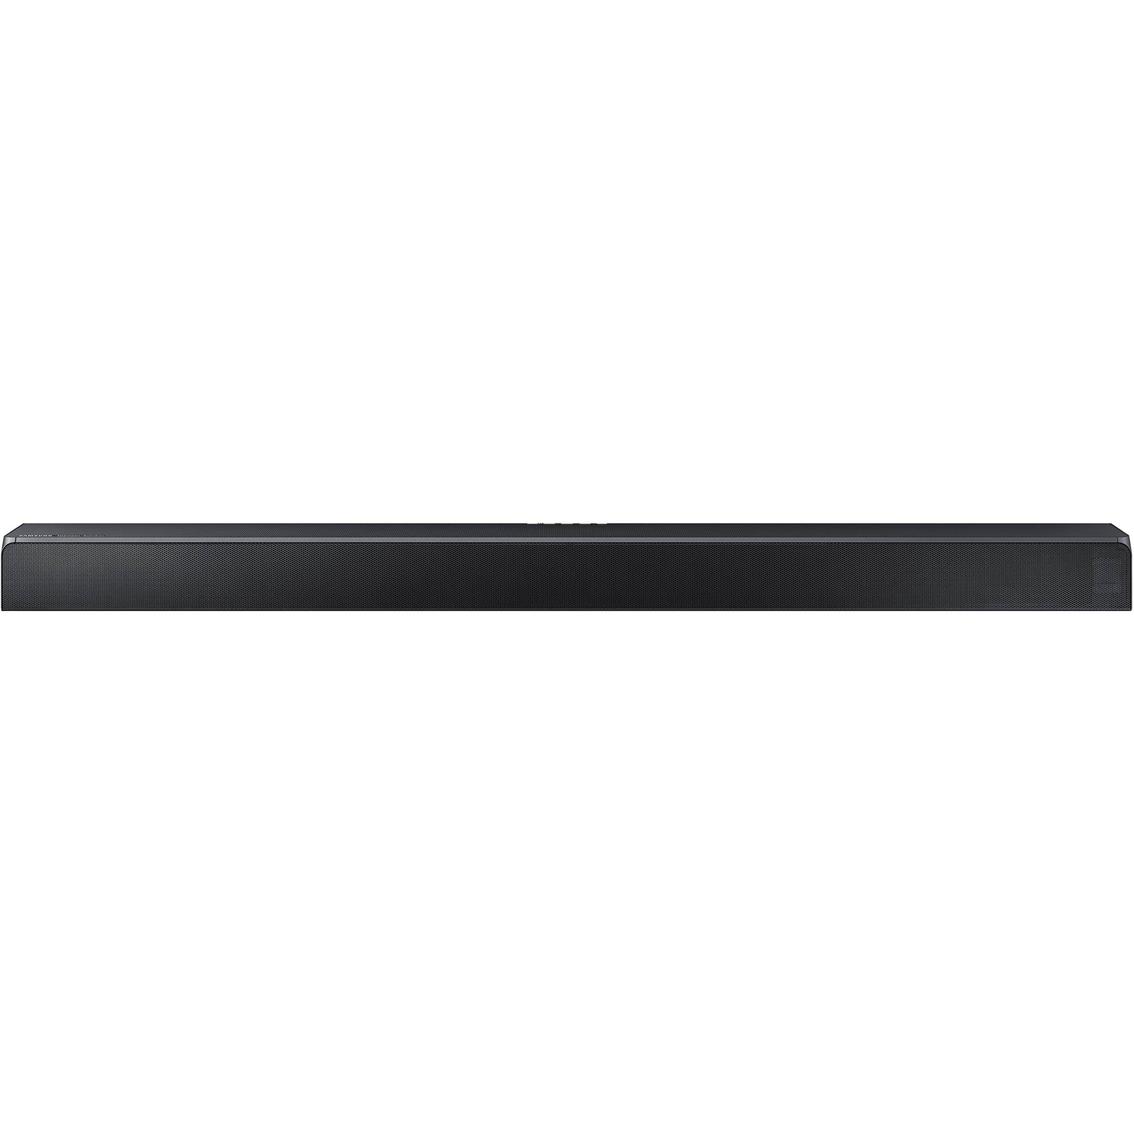 Samsung | Harman/kardon Hw-n850 Soundbar With Dolby Atmos